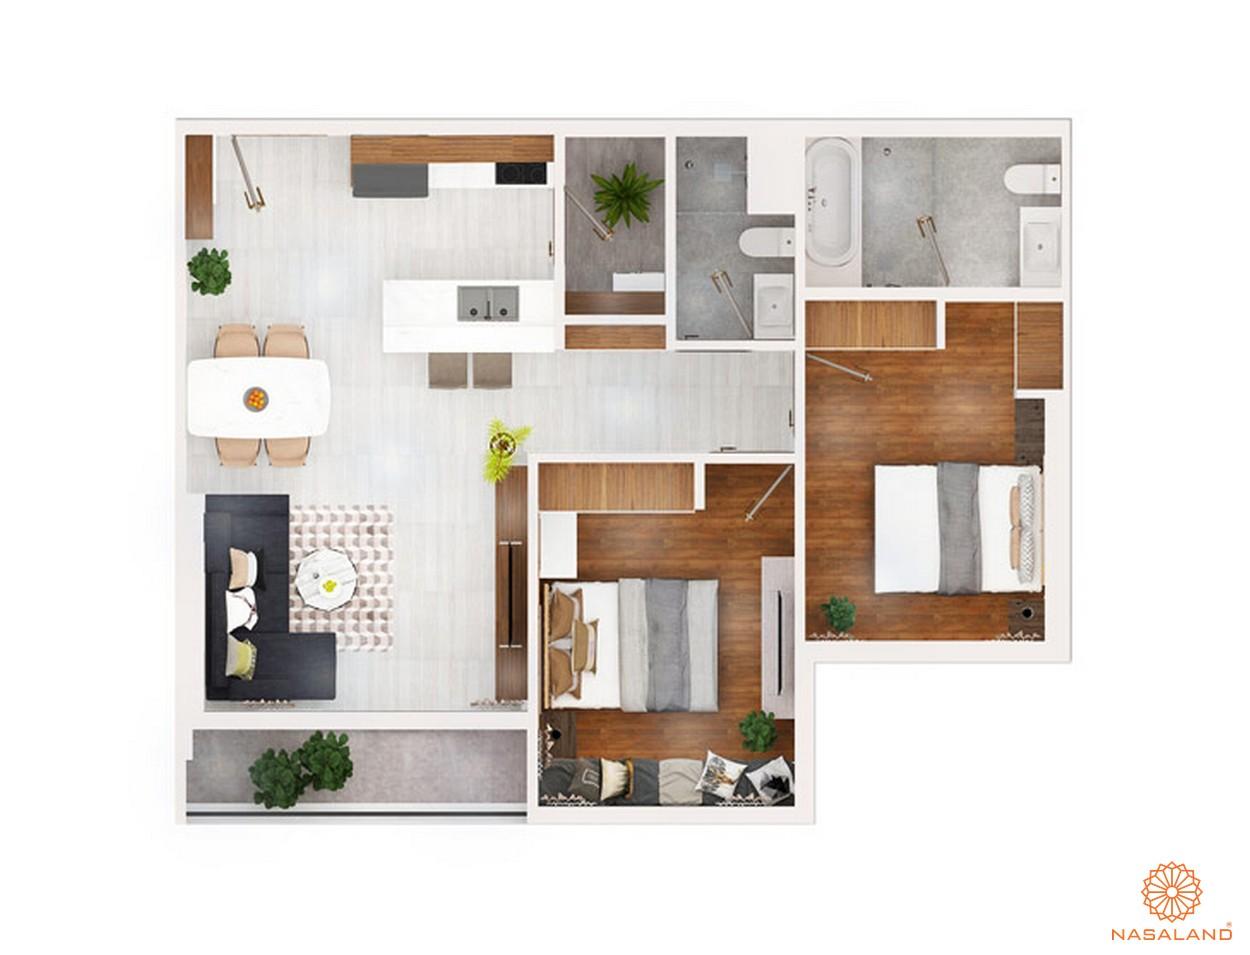 thiết kế chi tiết căn hộ 2 PN ~ 79m2 dự án chung cư Kingdom 101 quận 10